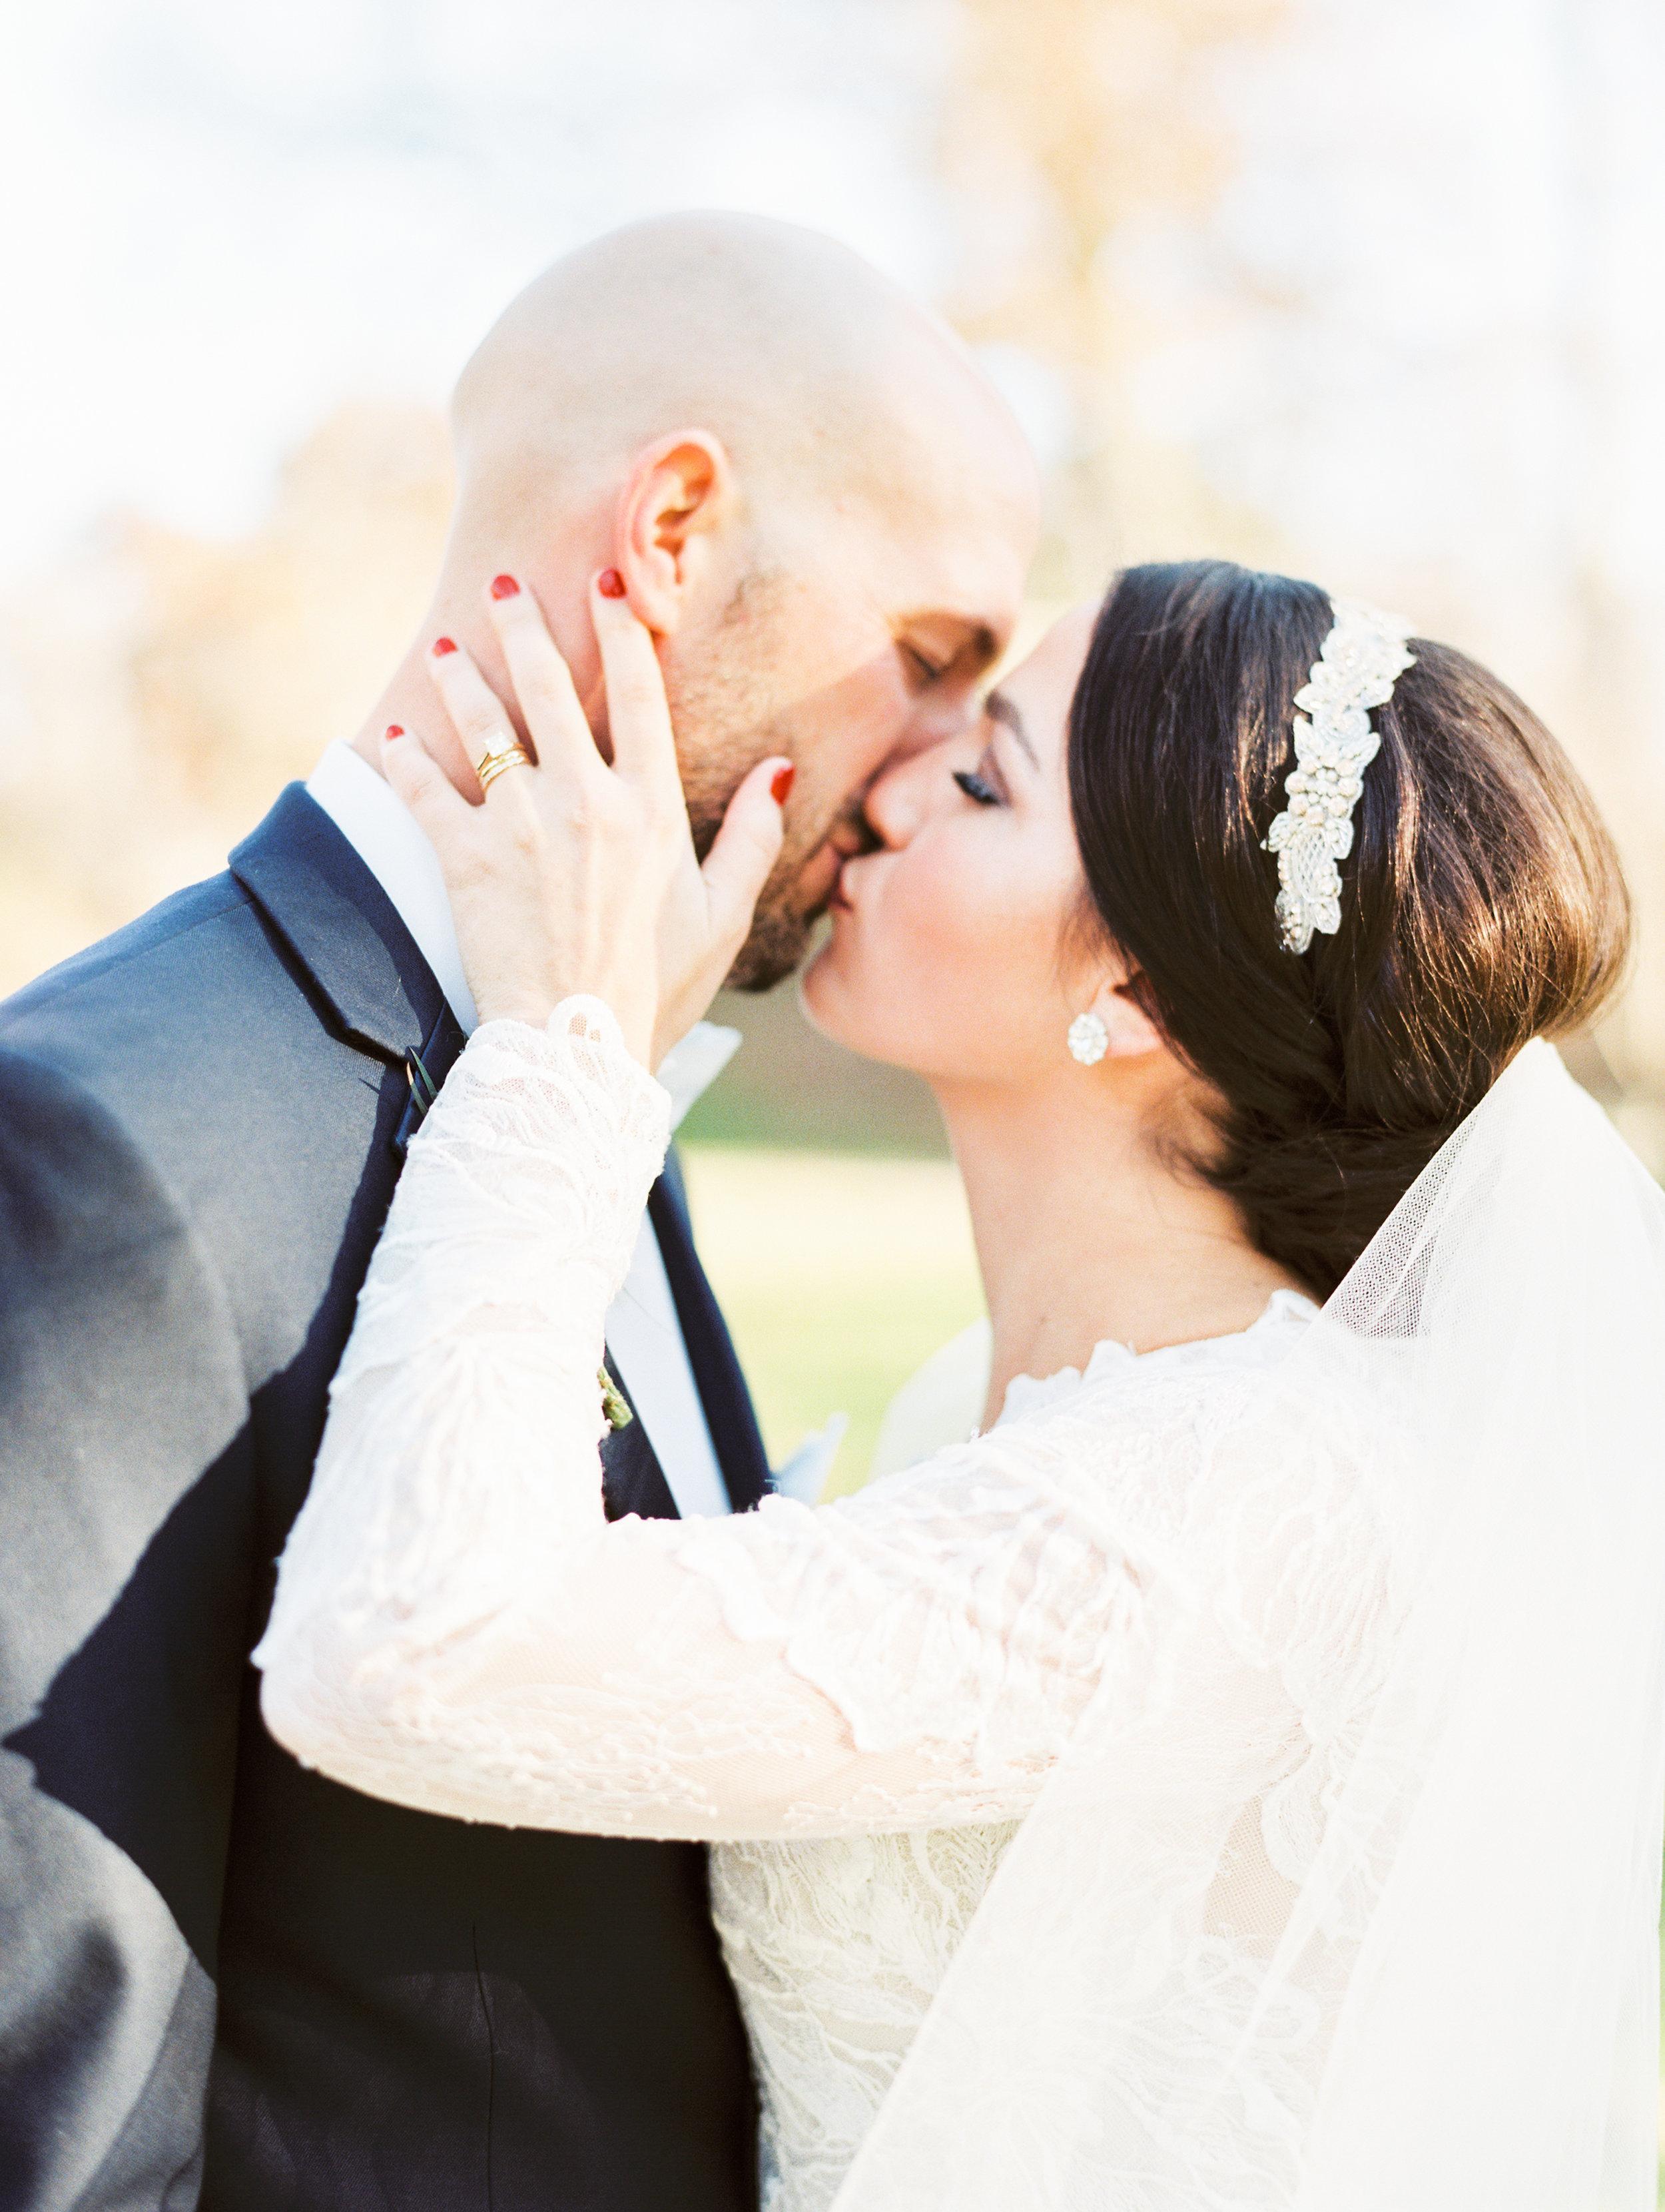 Vogelzang+Wedding+Bride+Groom-63.jpg